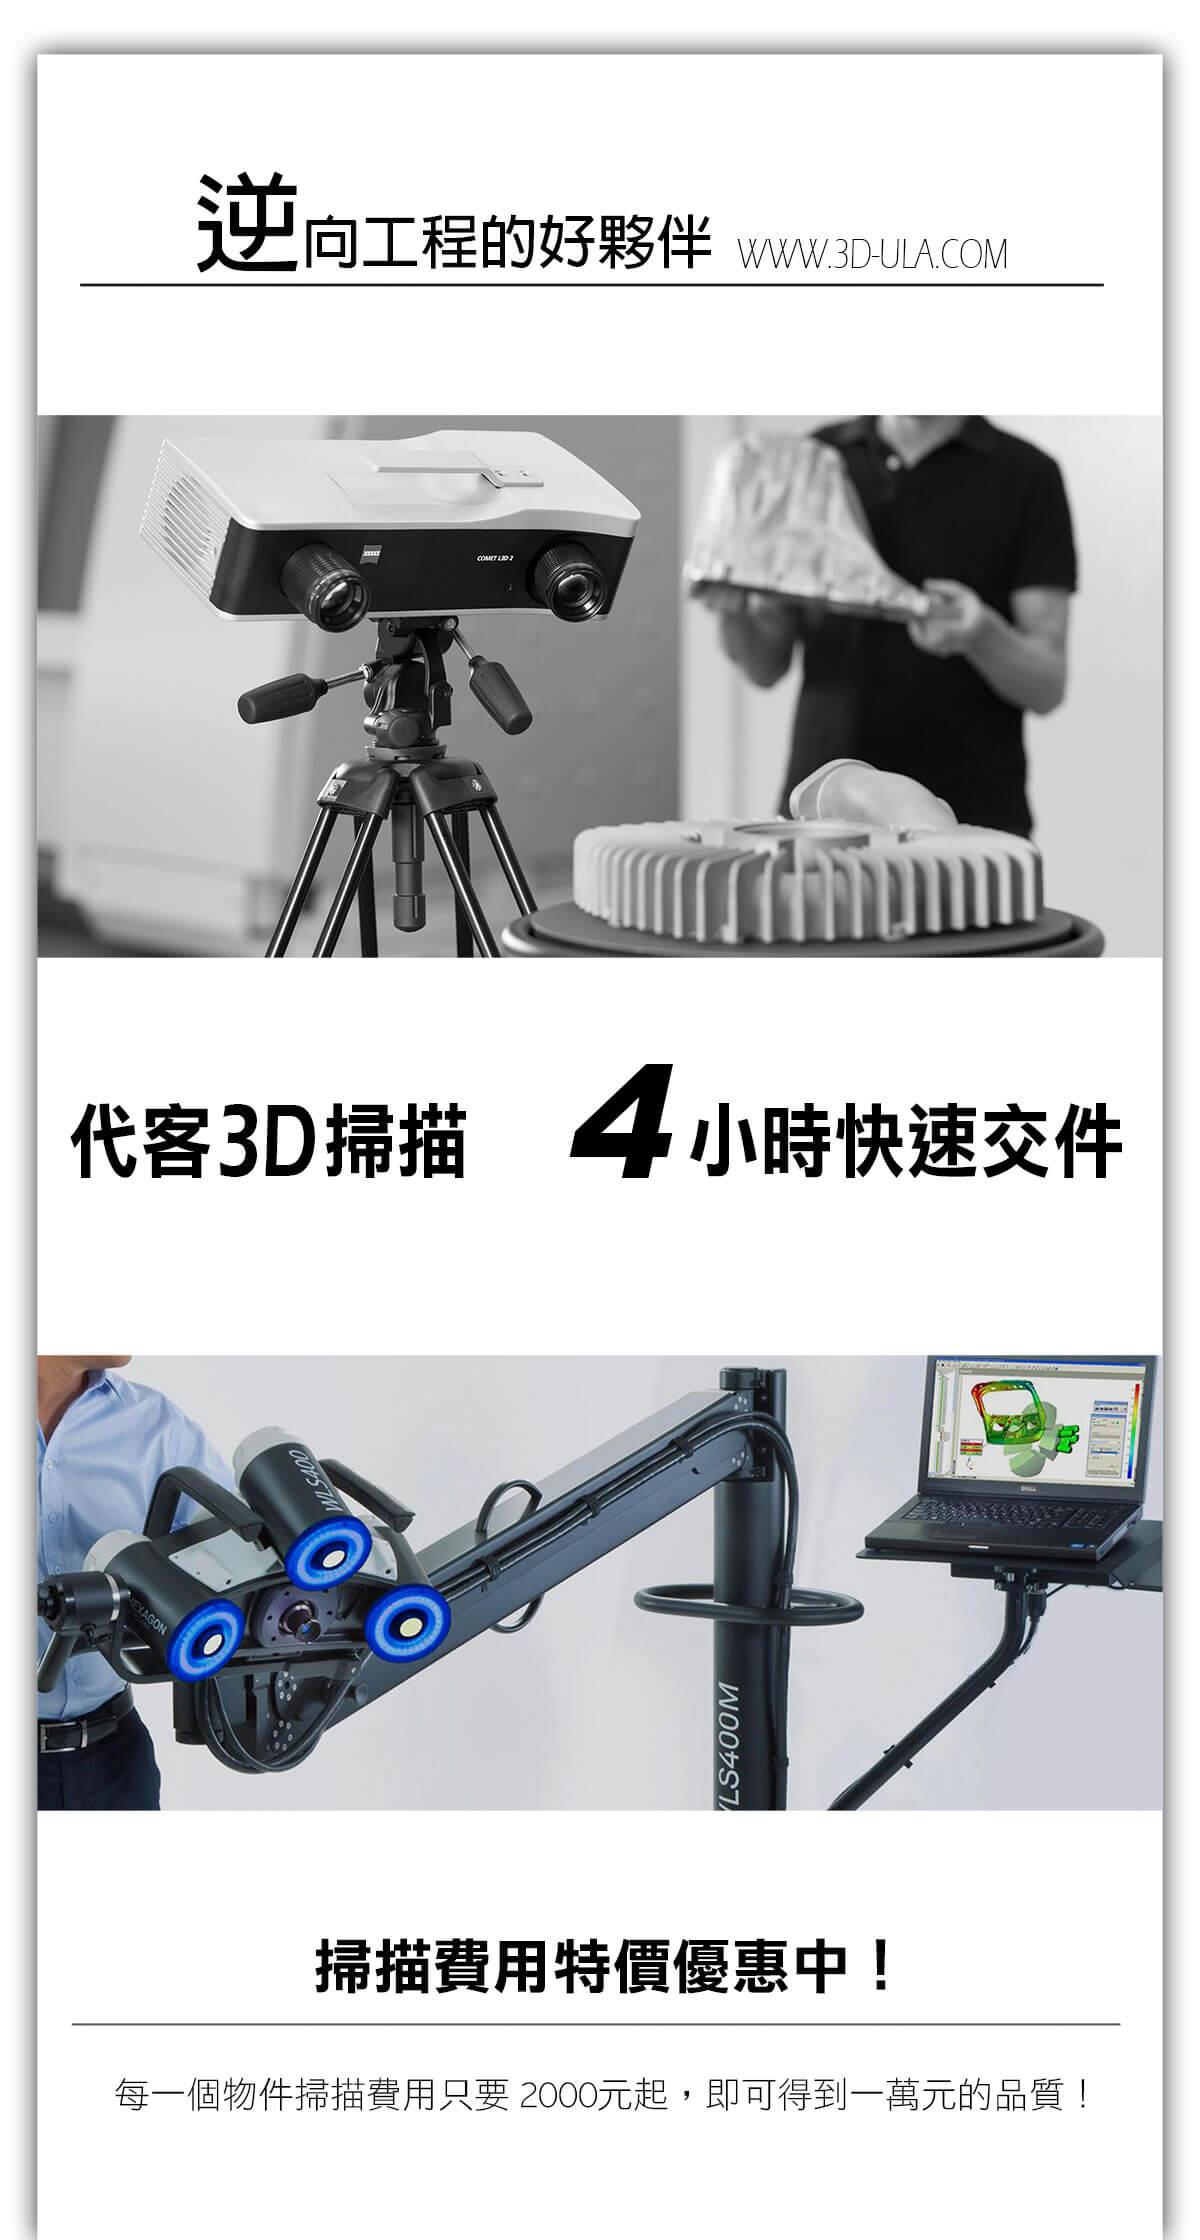 代客3D掃描_3D掃描代工_逆向工程_1